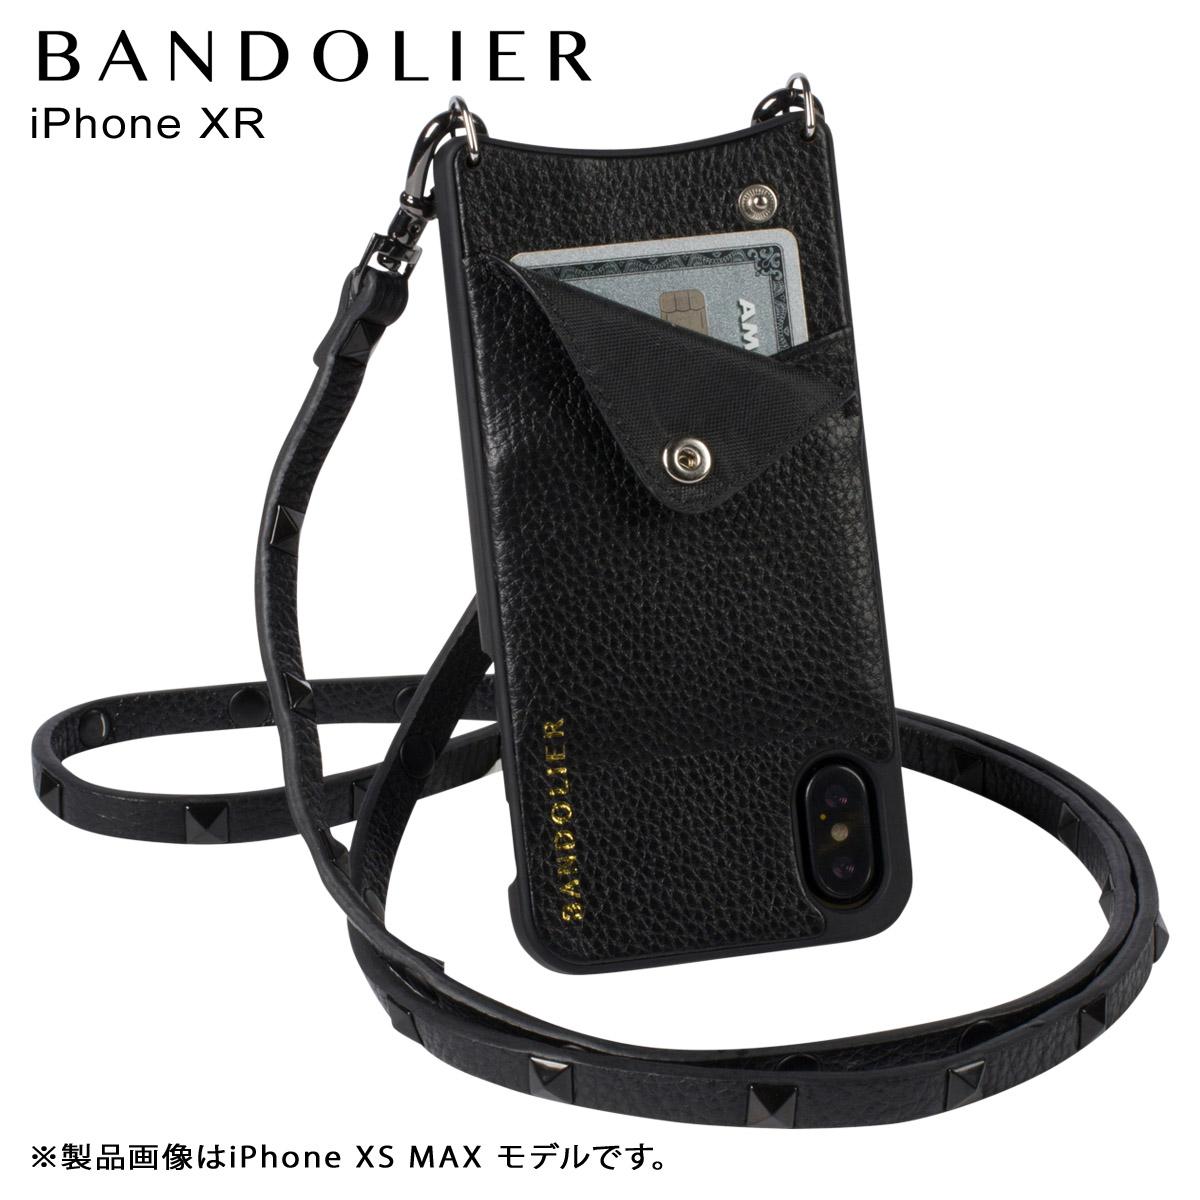 バンドリヤー BANDOLIER iPhone XR ケース スマホ 携帯 ショルダー アイフォン レザー SARAH BLACK メンズ レディース ブラック 10SAR1001